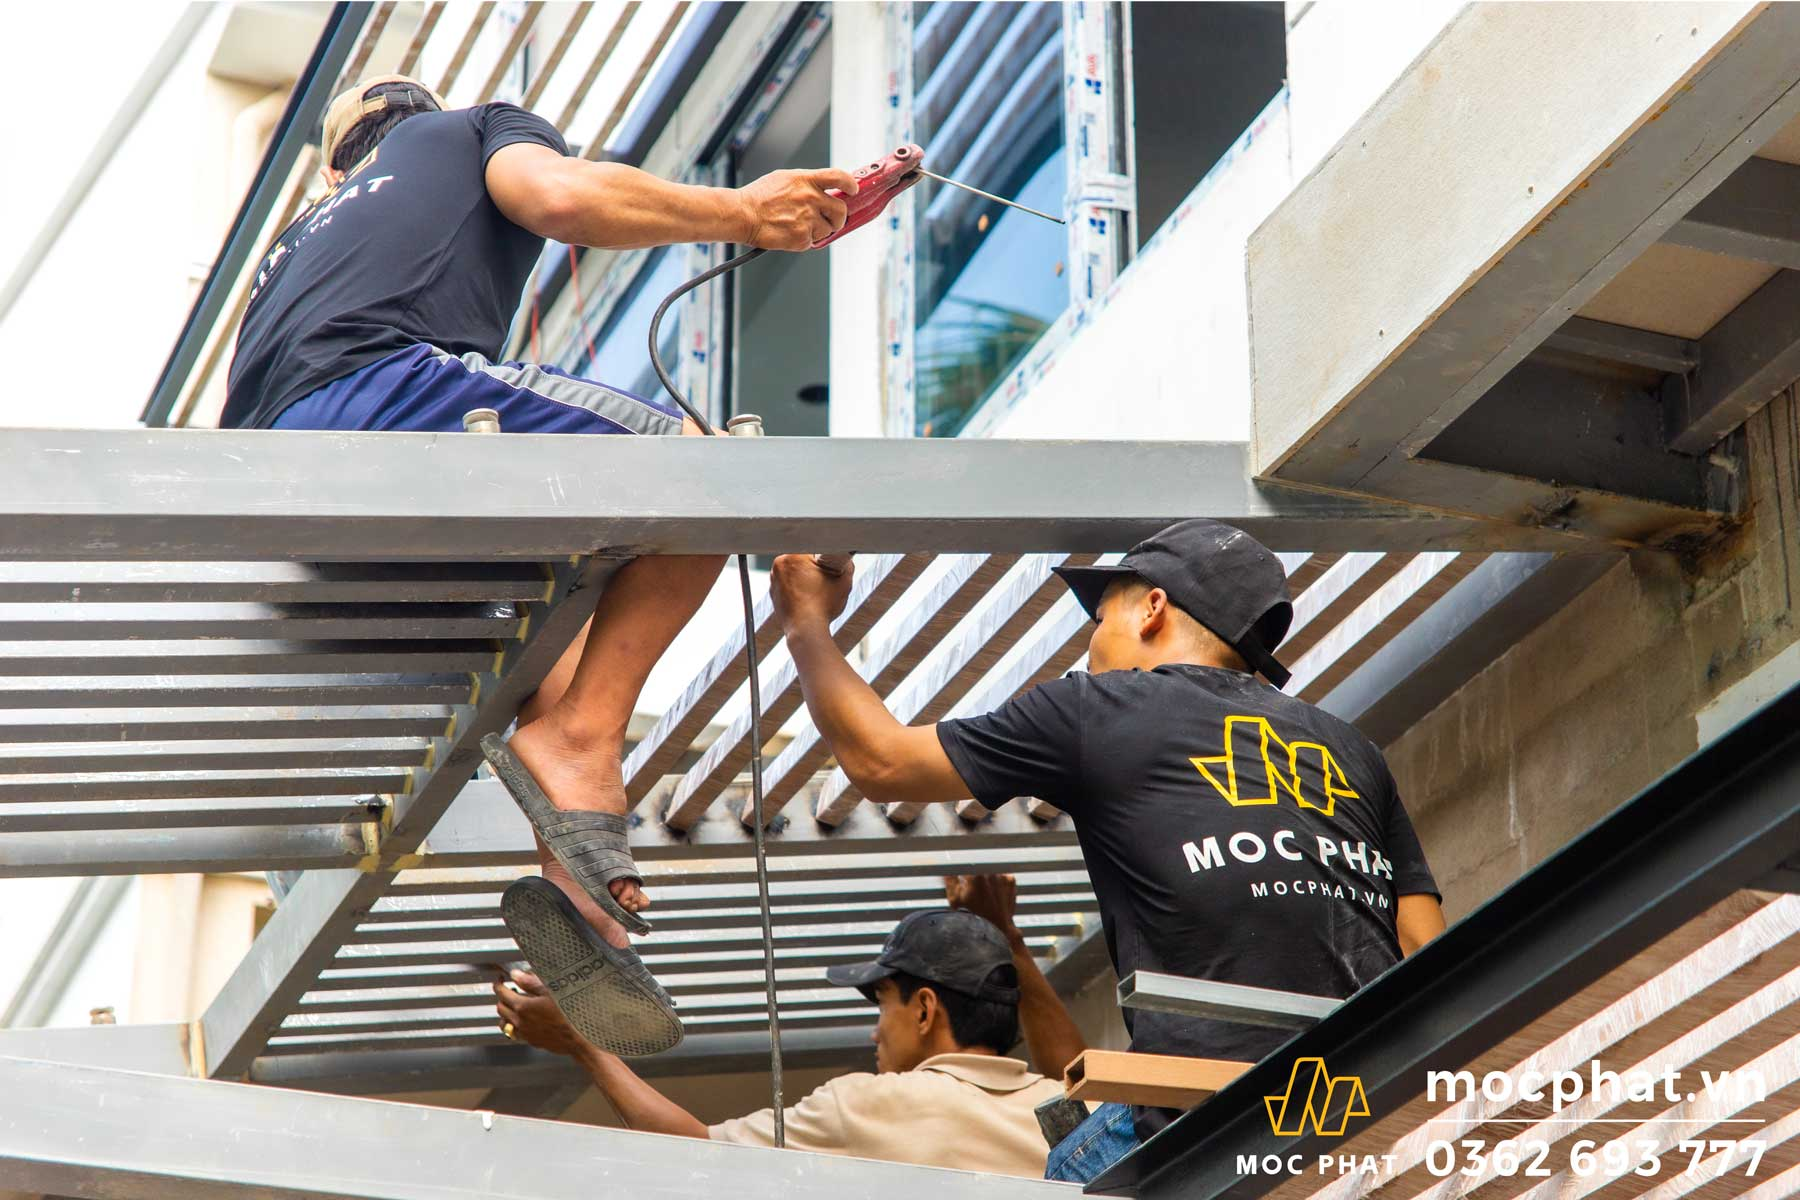 Hình ảnh thợ mộc phát đang thi công công trình mái lam che nắng tại quận 7